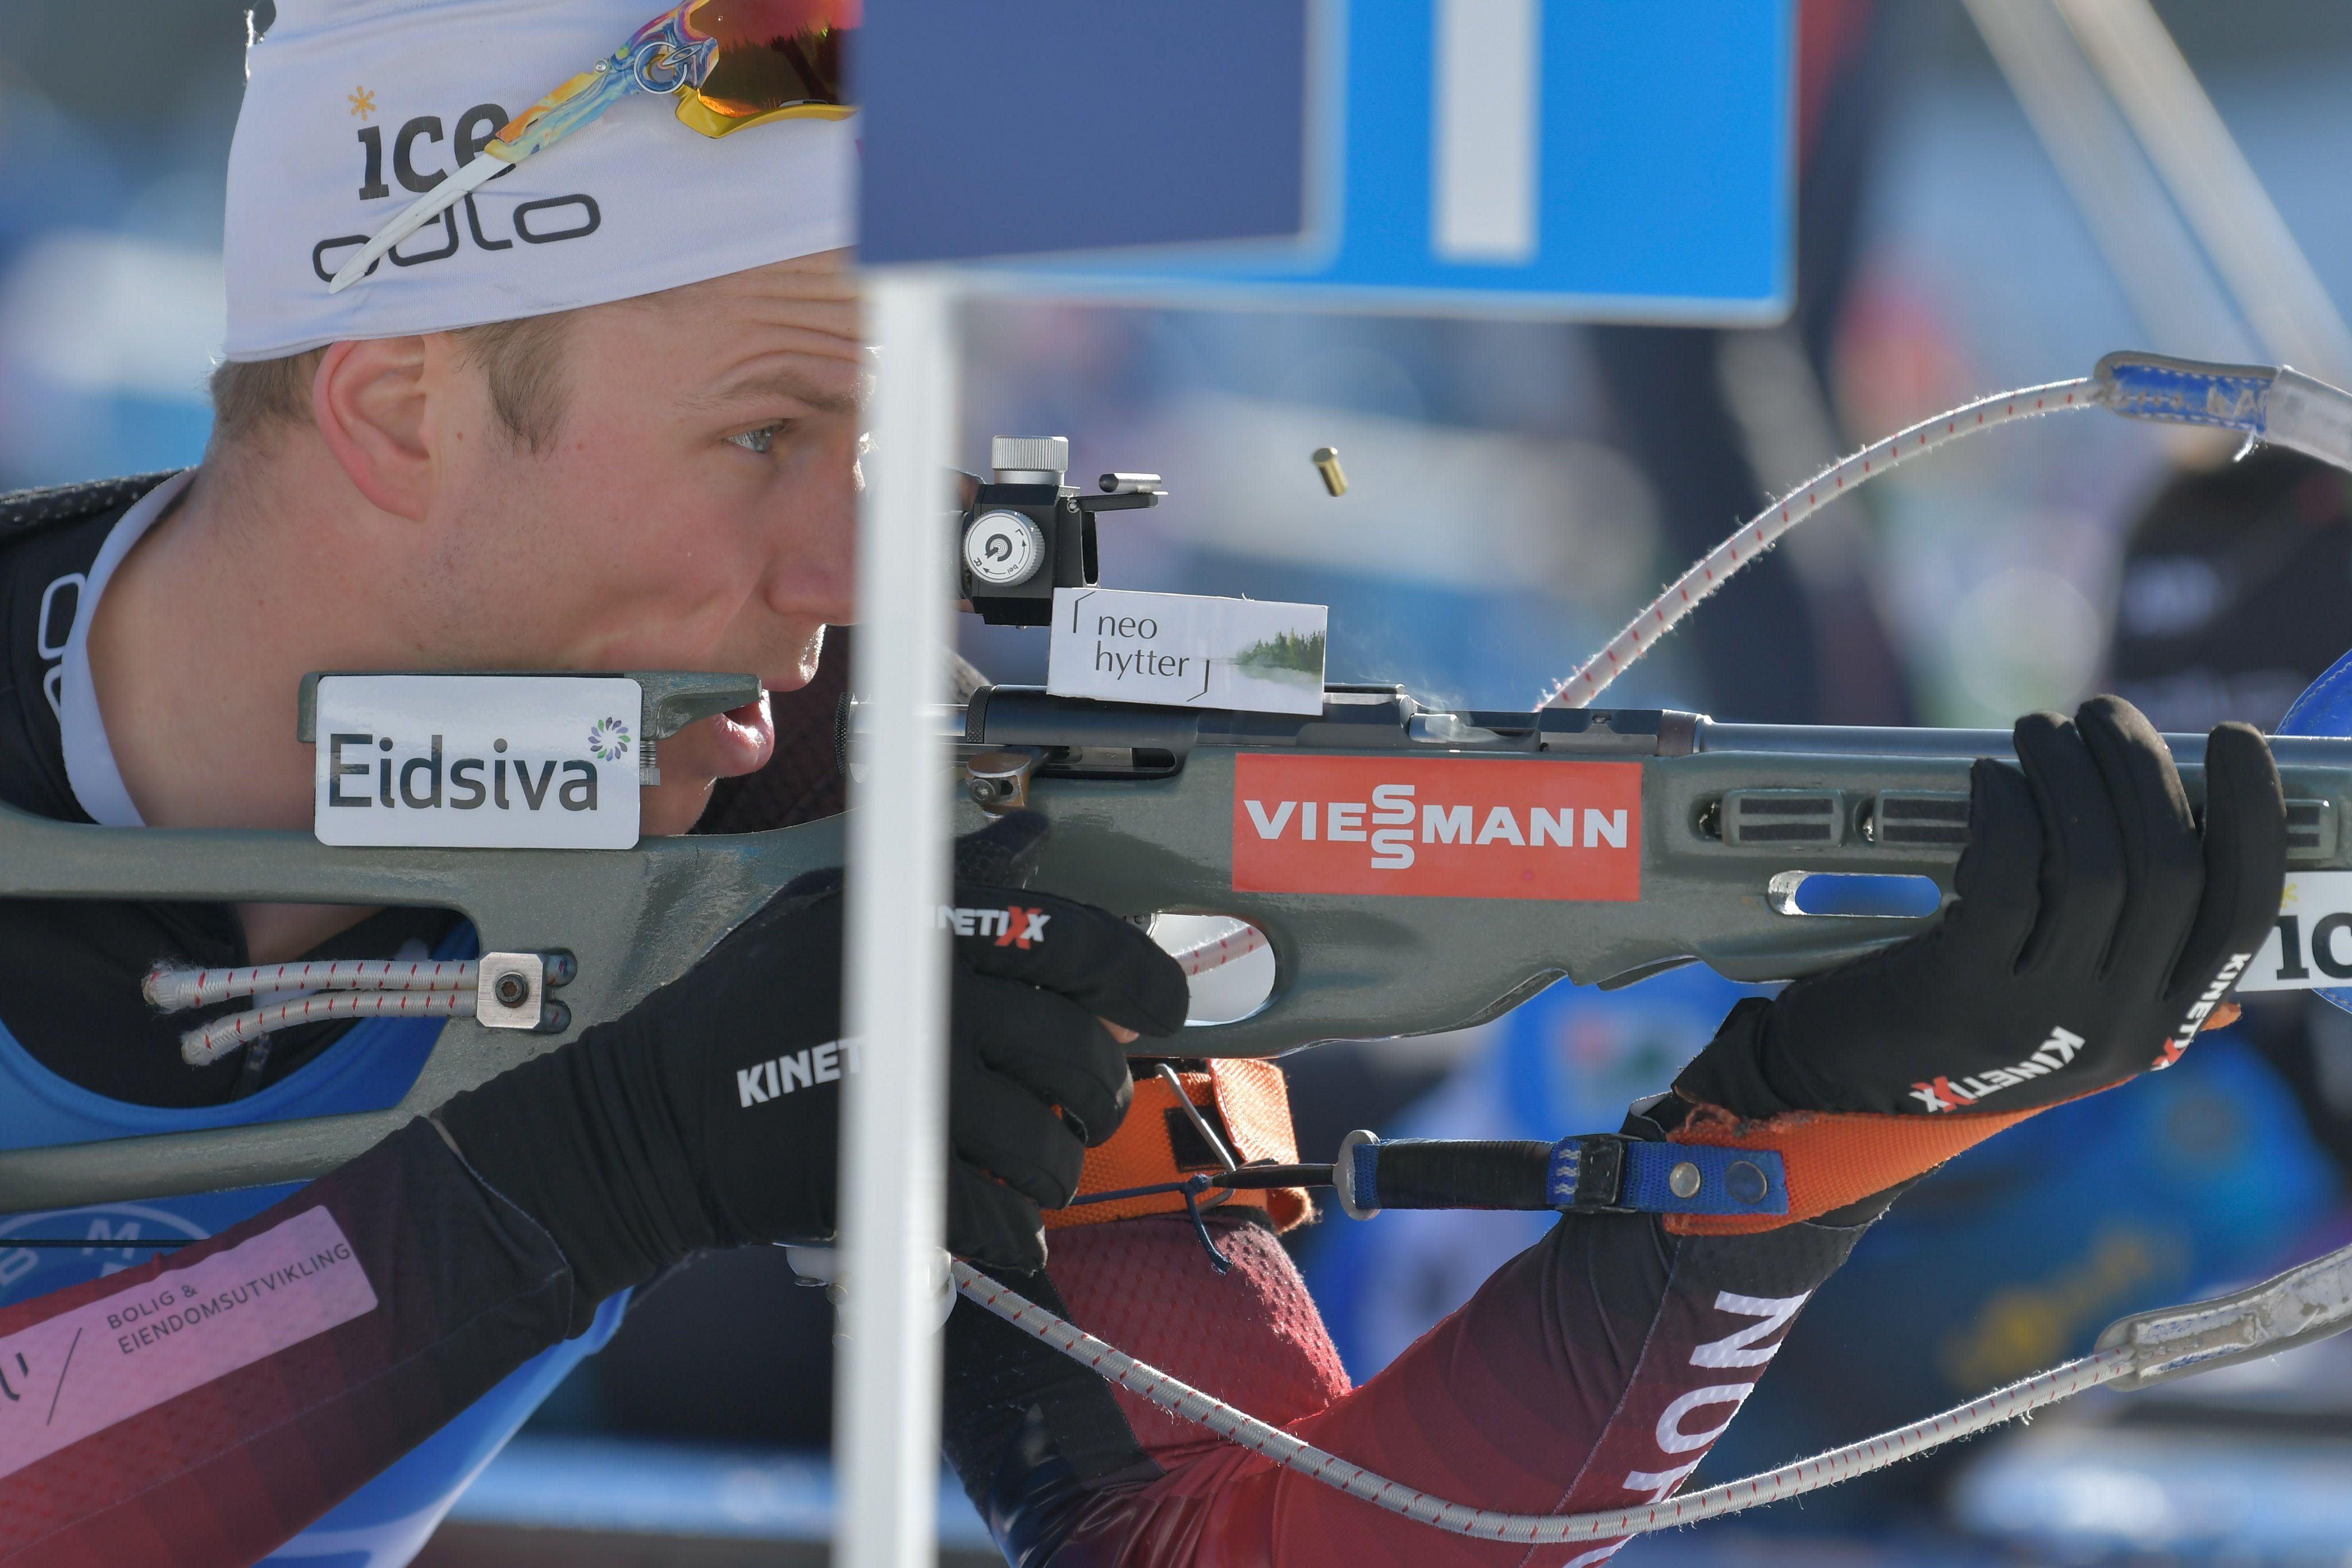 Й. Бё обогнал Тихонова по количеству золотых медалей на чемпионатах мира